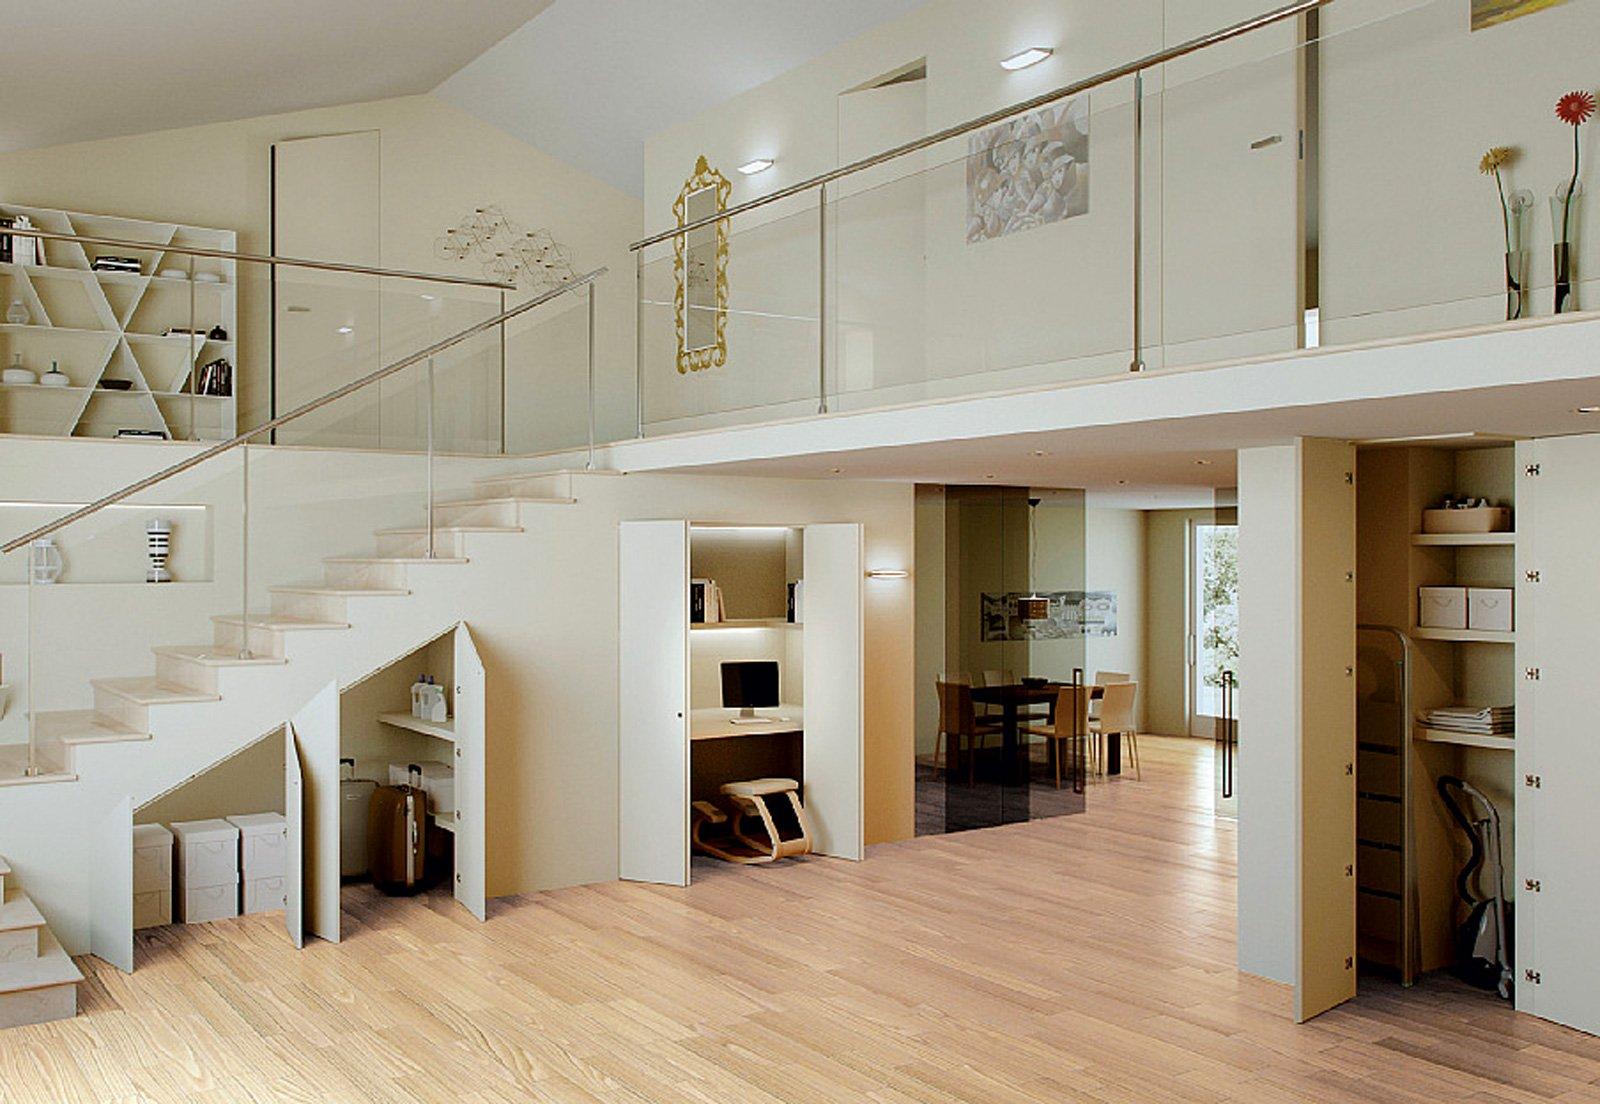 Armadio sottoscala con soluzioni filomuro cose di casa - Organizzare le pulizie di casa quando si lavora ...